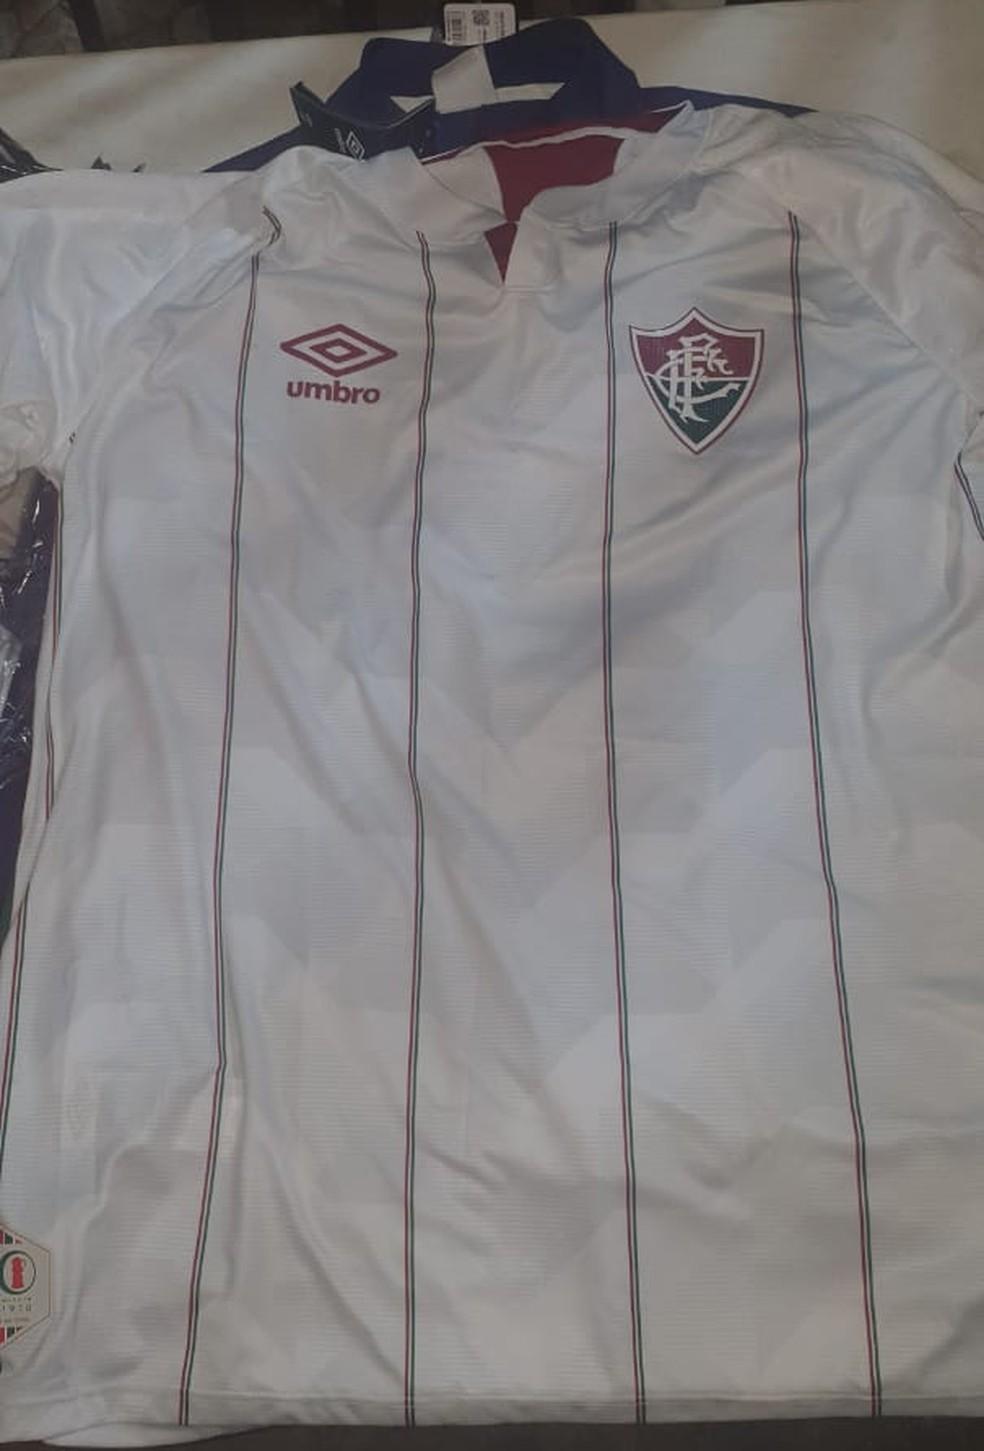 Segundo modelo do uniforme é predominantemente branco e com listras finas — Foto: Reprodução